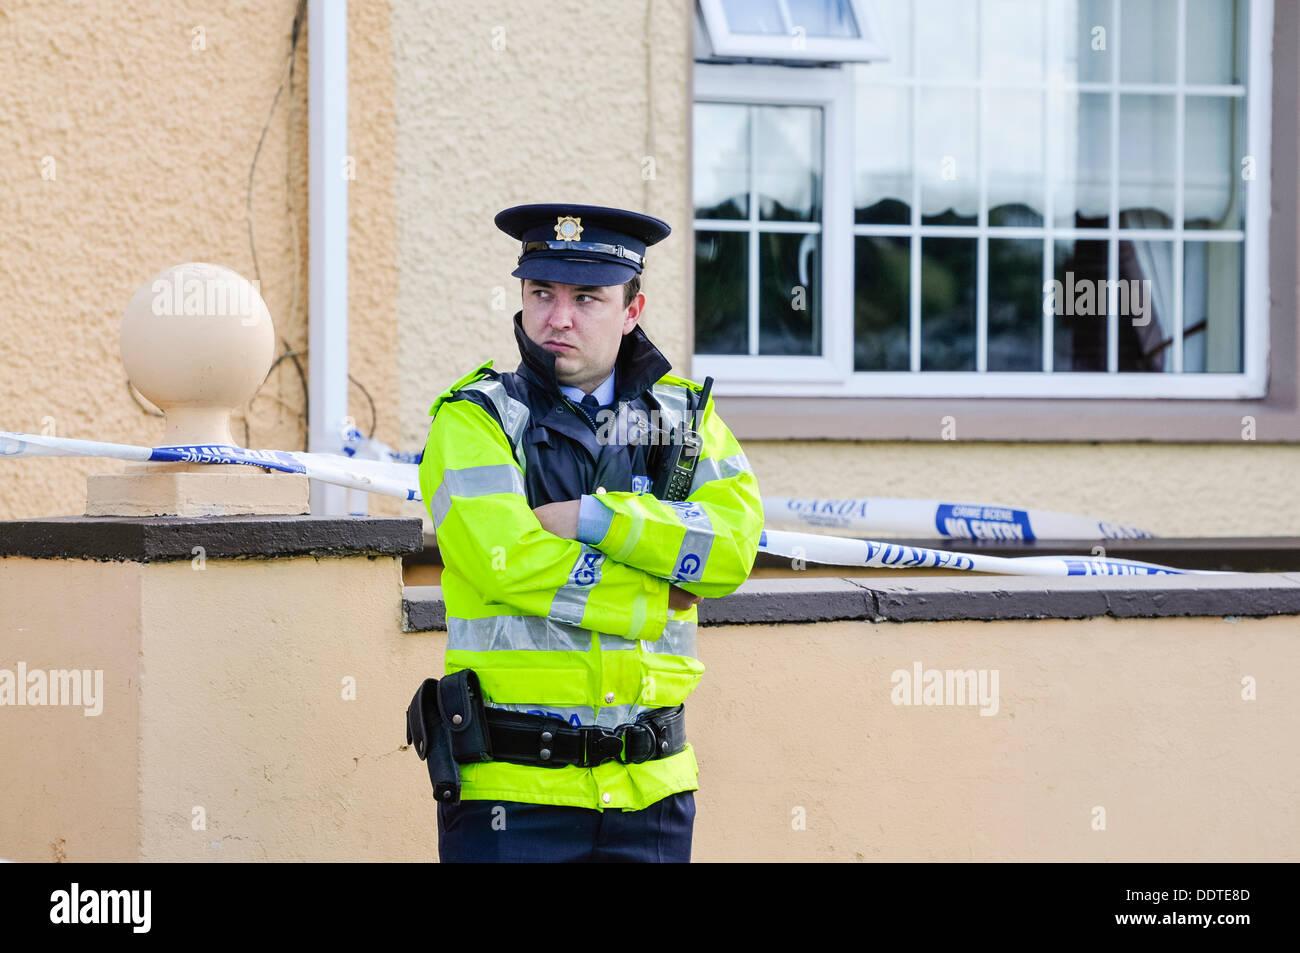 """Bailieborough, County Cavan, Irland, 6. September 2013 - steht ein Garda Offizier außerhalb des Hauses des 54 Jahre alten Patricia Kierans wo ihr Körper entdeckt wurde.  Sie ermordet worden war""""heftig"""" Credit: Stephen Barnes/Alamy Live News Stockbild"""